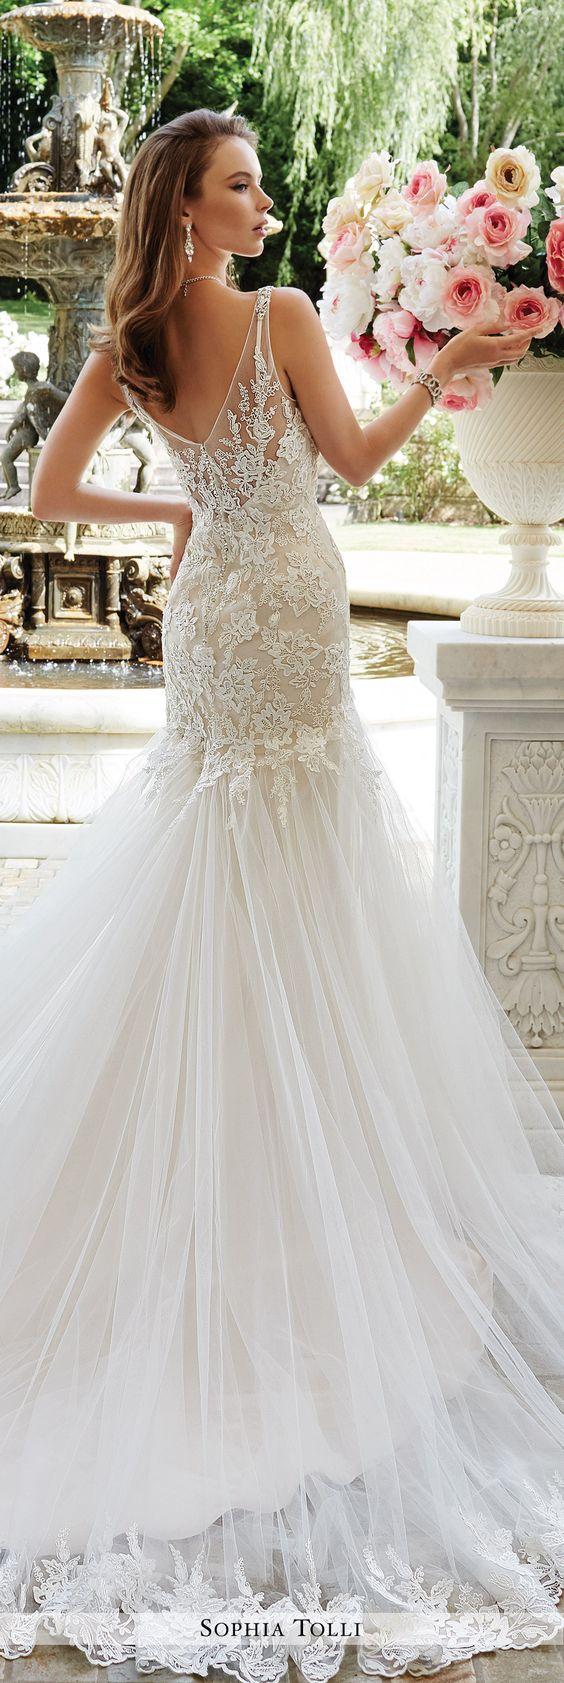 Y21665 rome sophia tolli wedding dress wedding tulle for Sophia tulle wedding dress